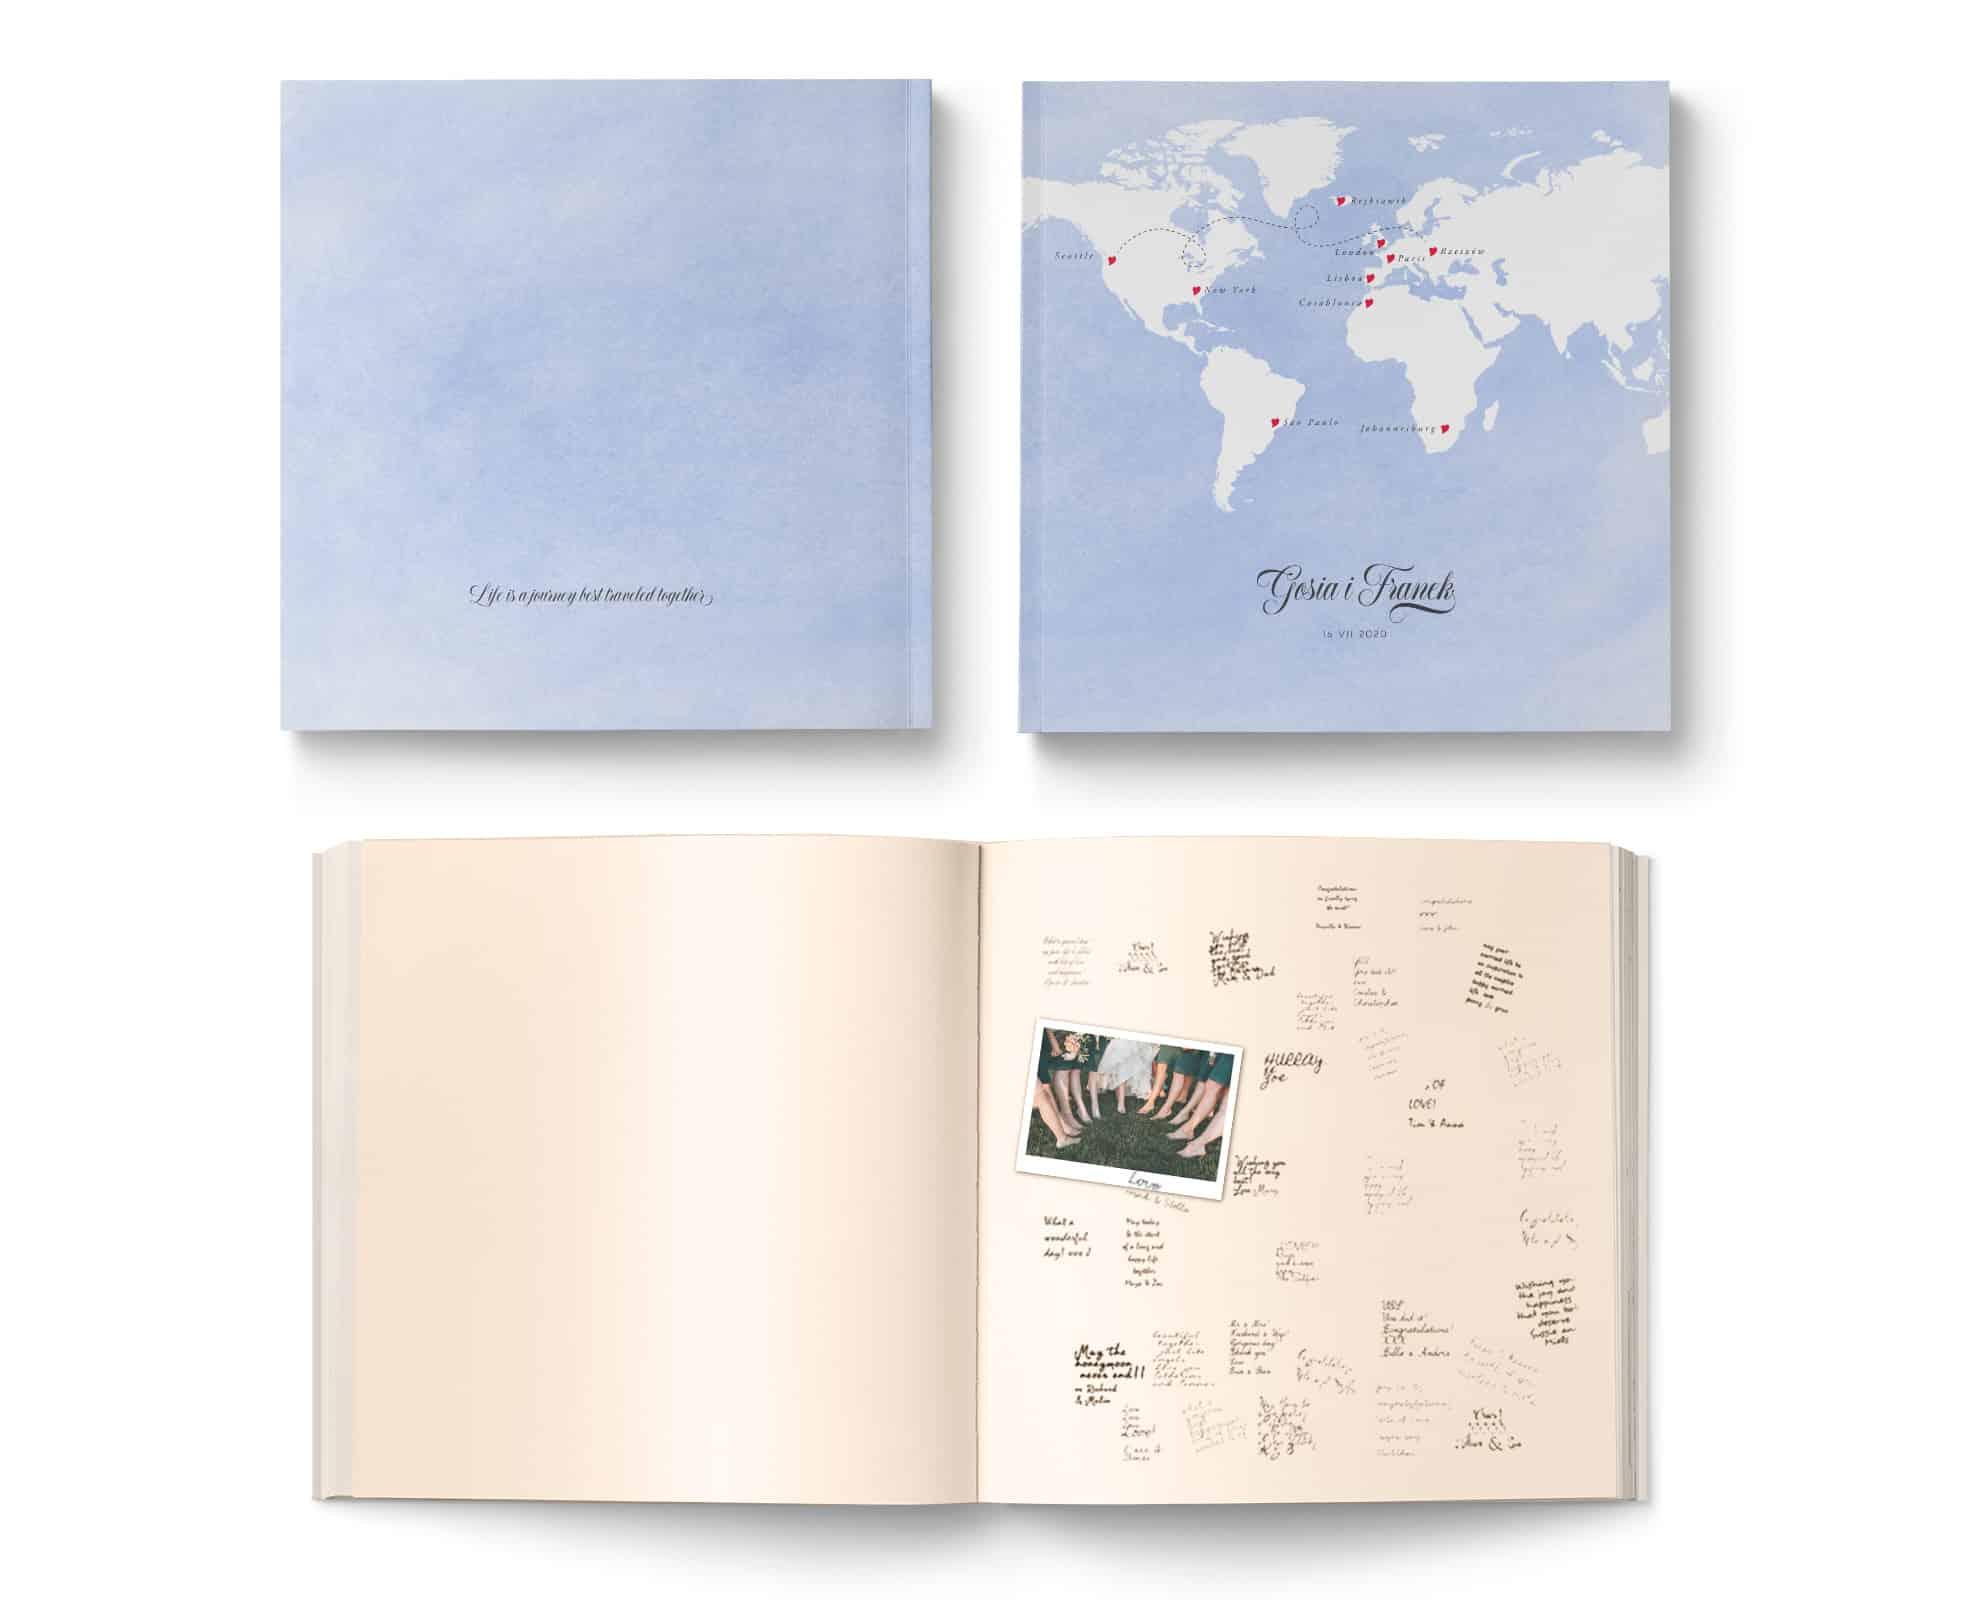 Elegancka księga gości z motywem podróży, karty ecru, niebieska okładka z białą mapą